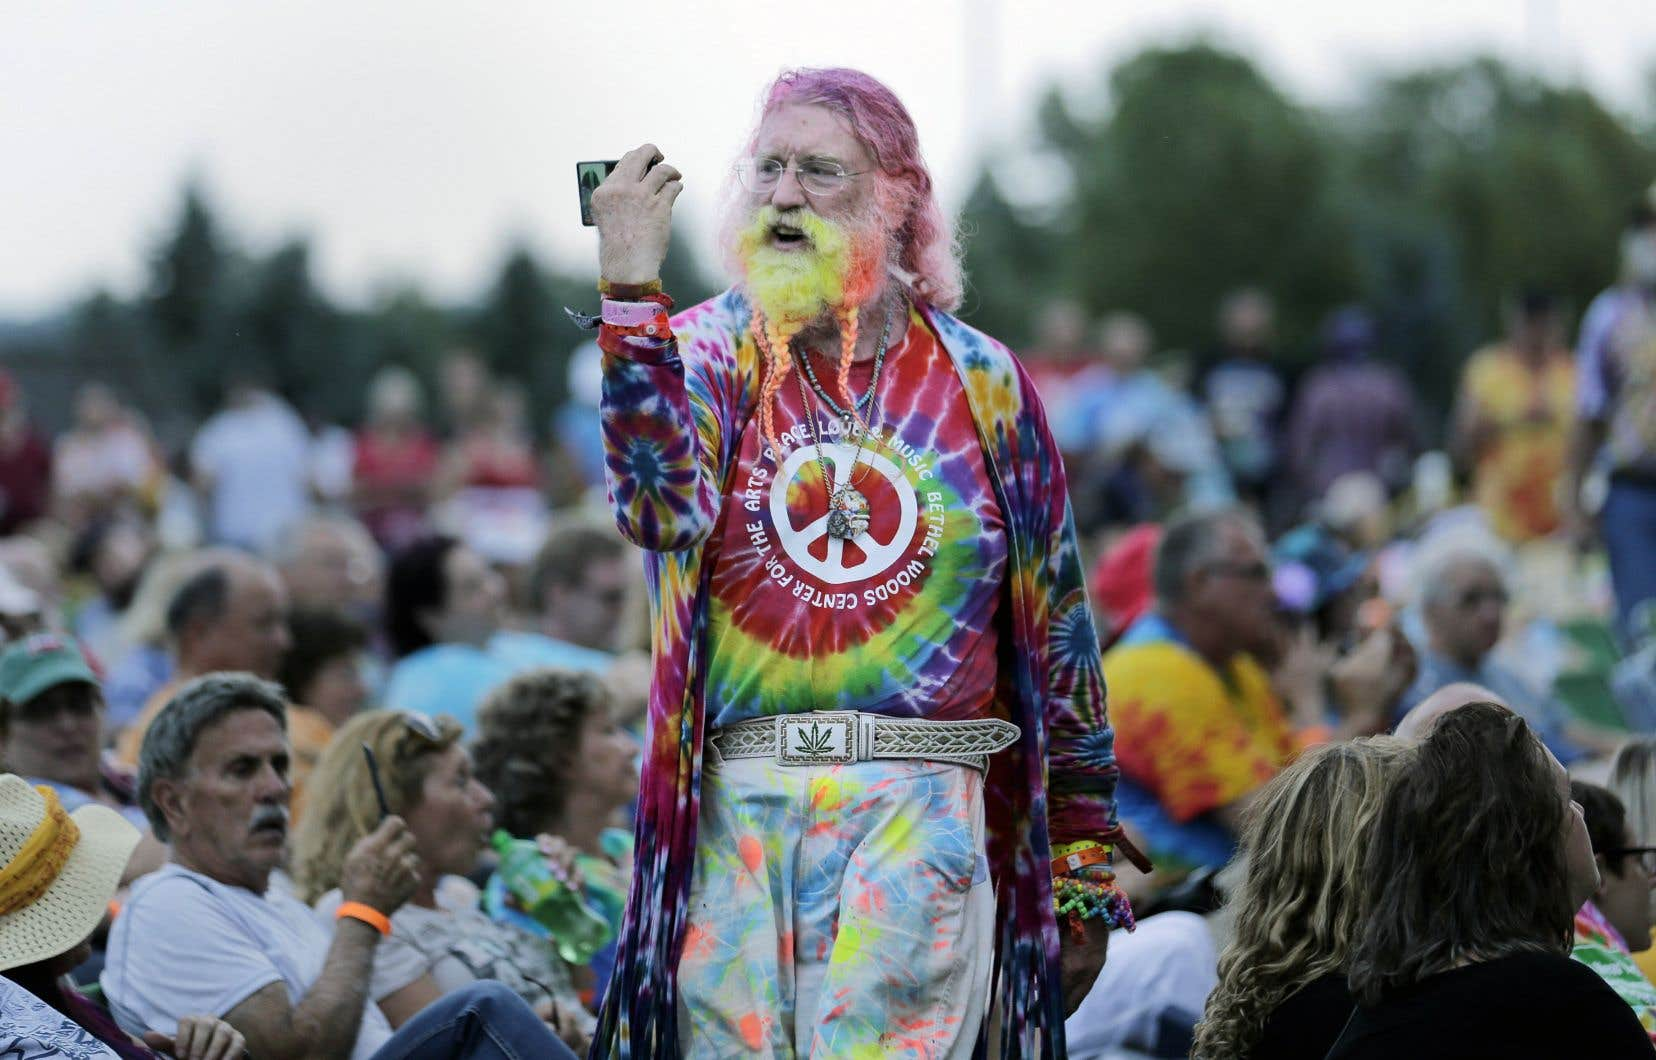 Un homme marche dans la foule durant le concert d'Arlo Guthrie, jeudi dernier, à l'occasion du 50e anniversaire de Woodstock.